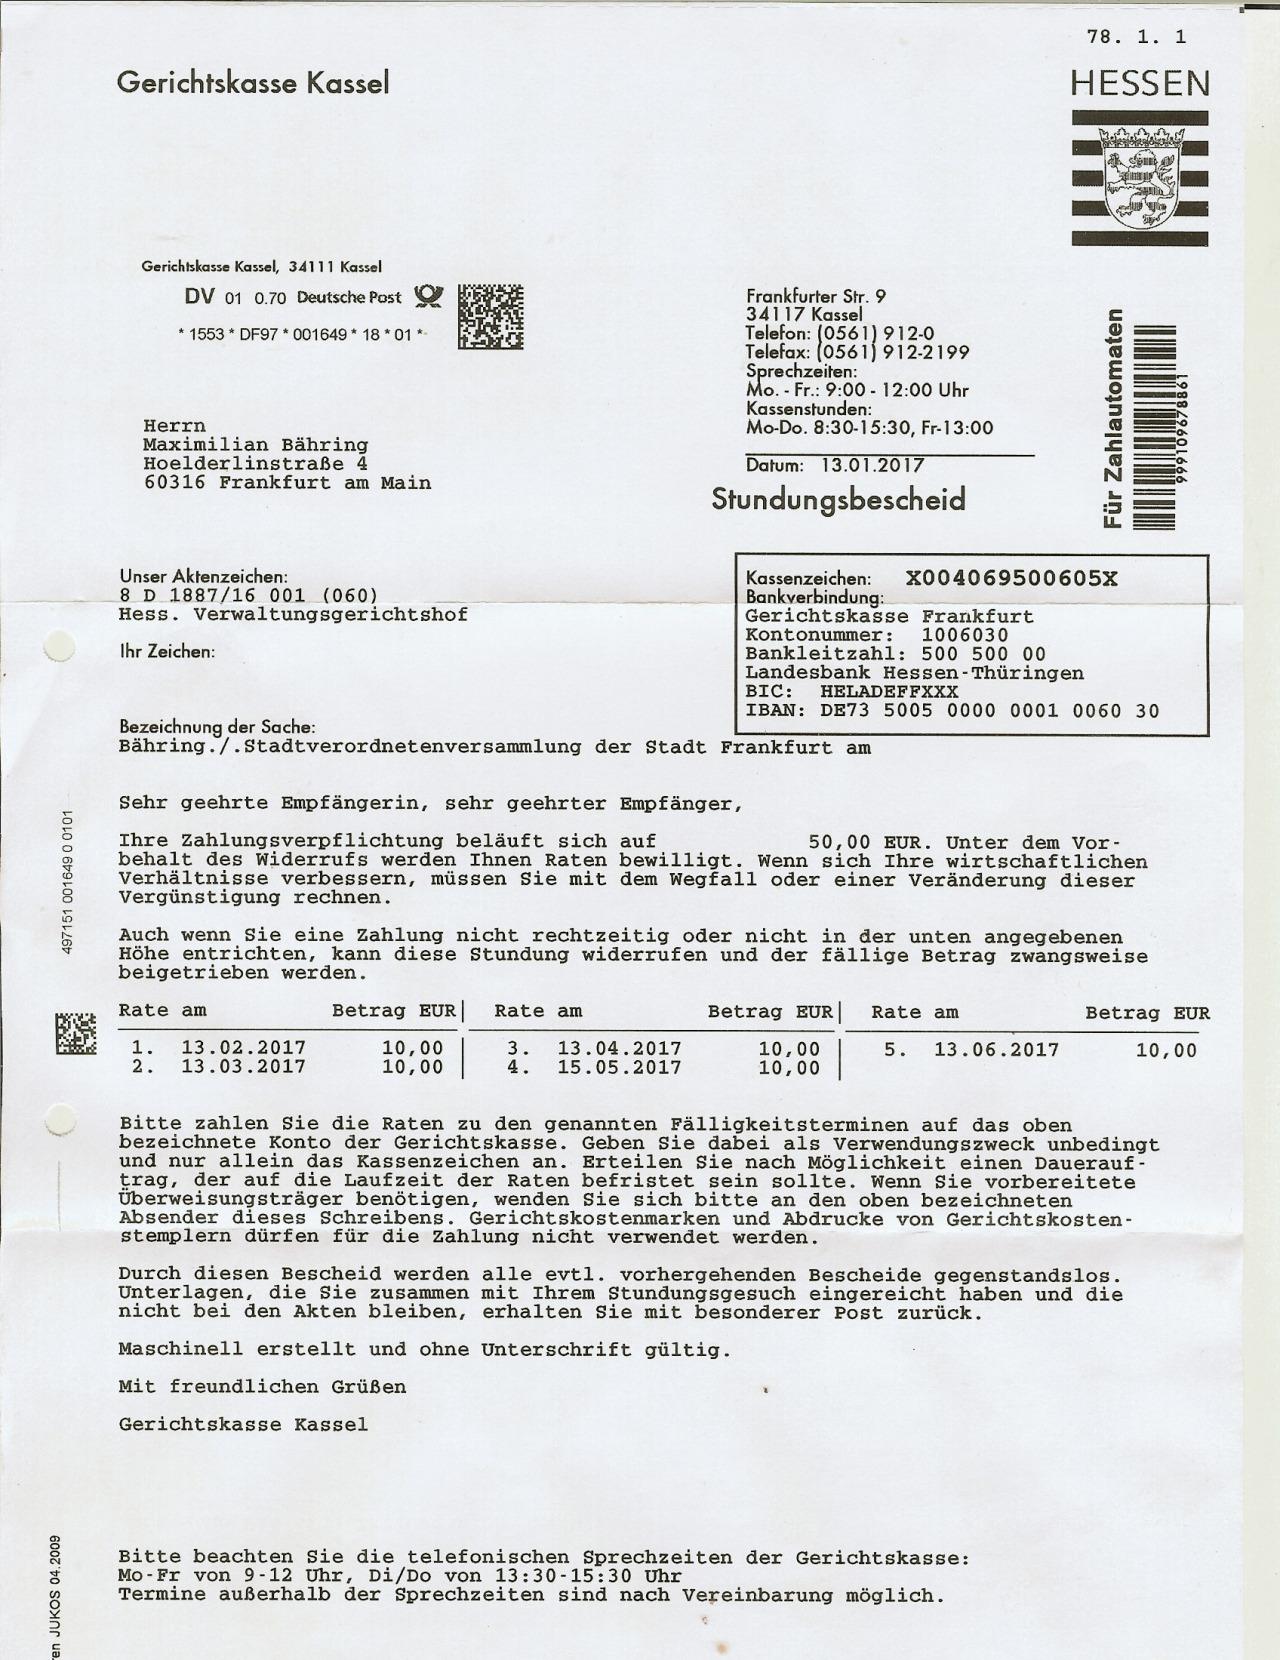 2 schlampen am hbf frankfurt - 1 1